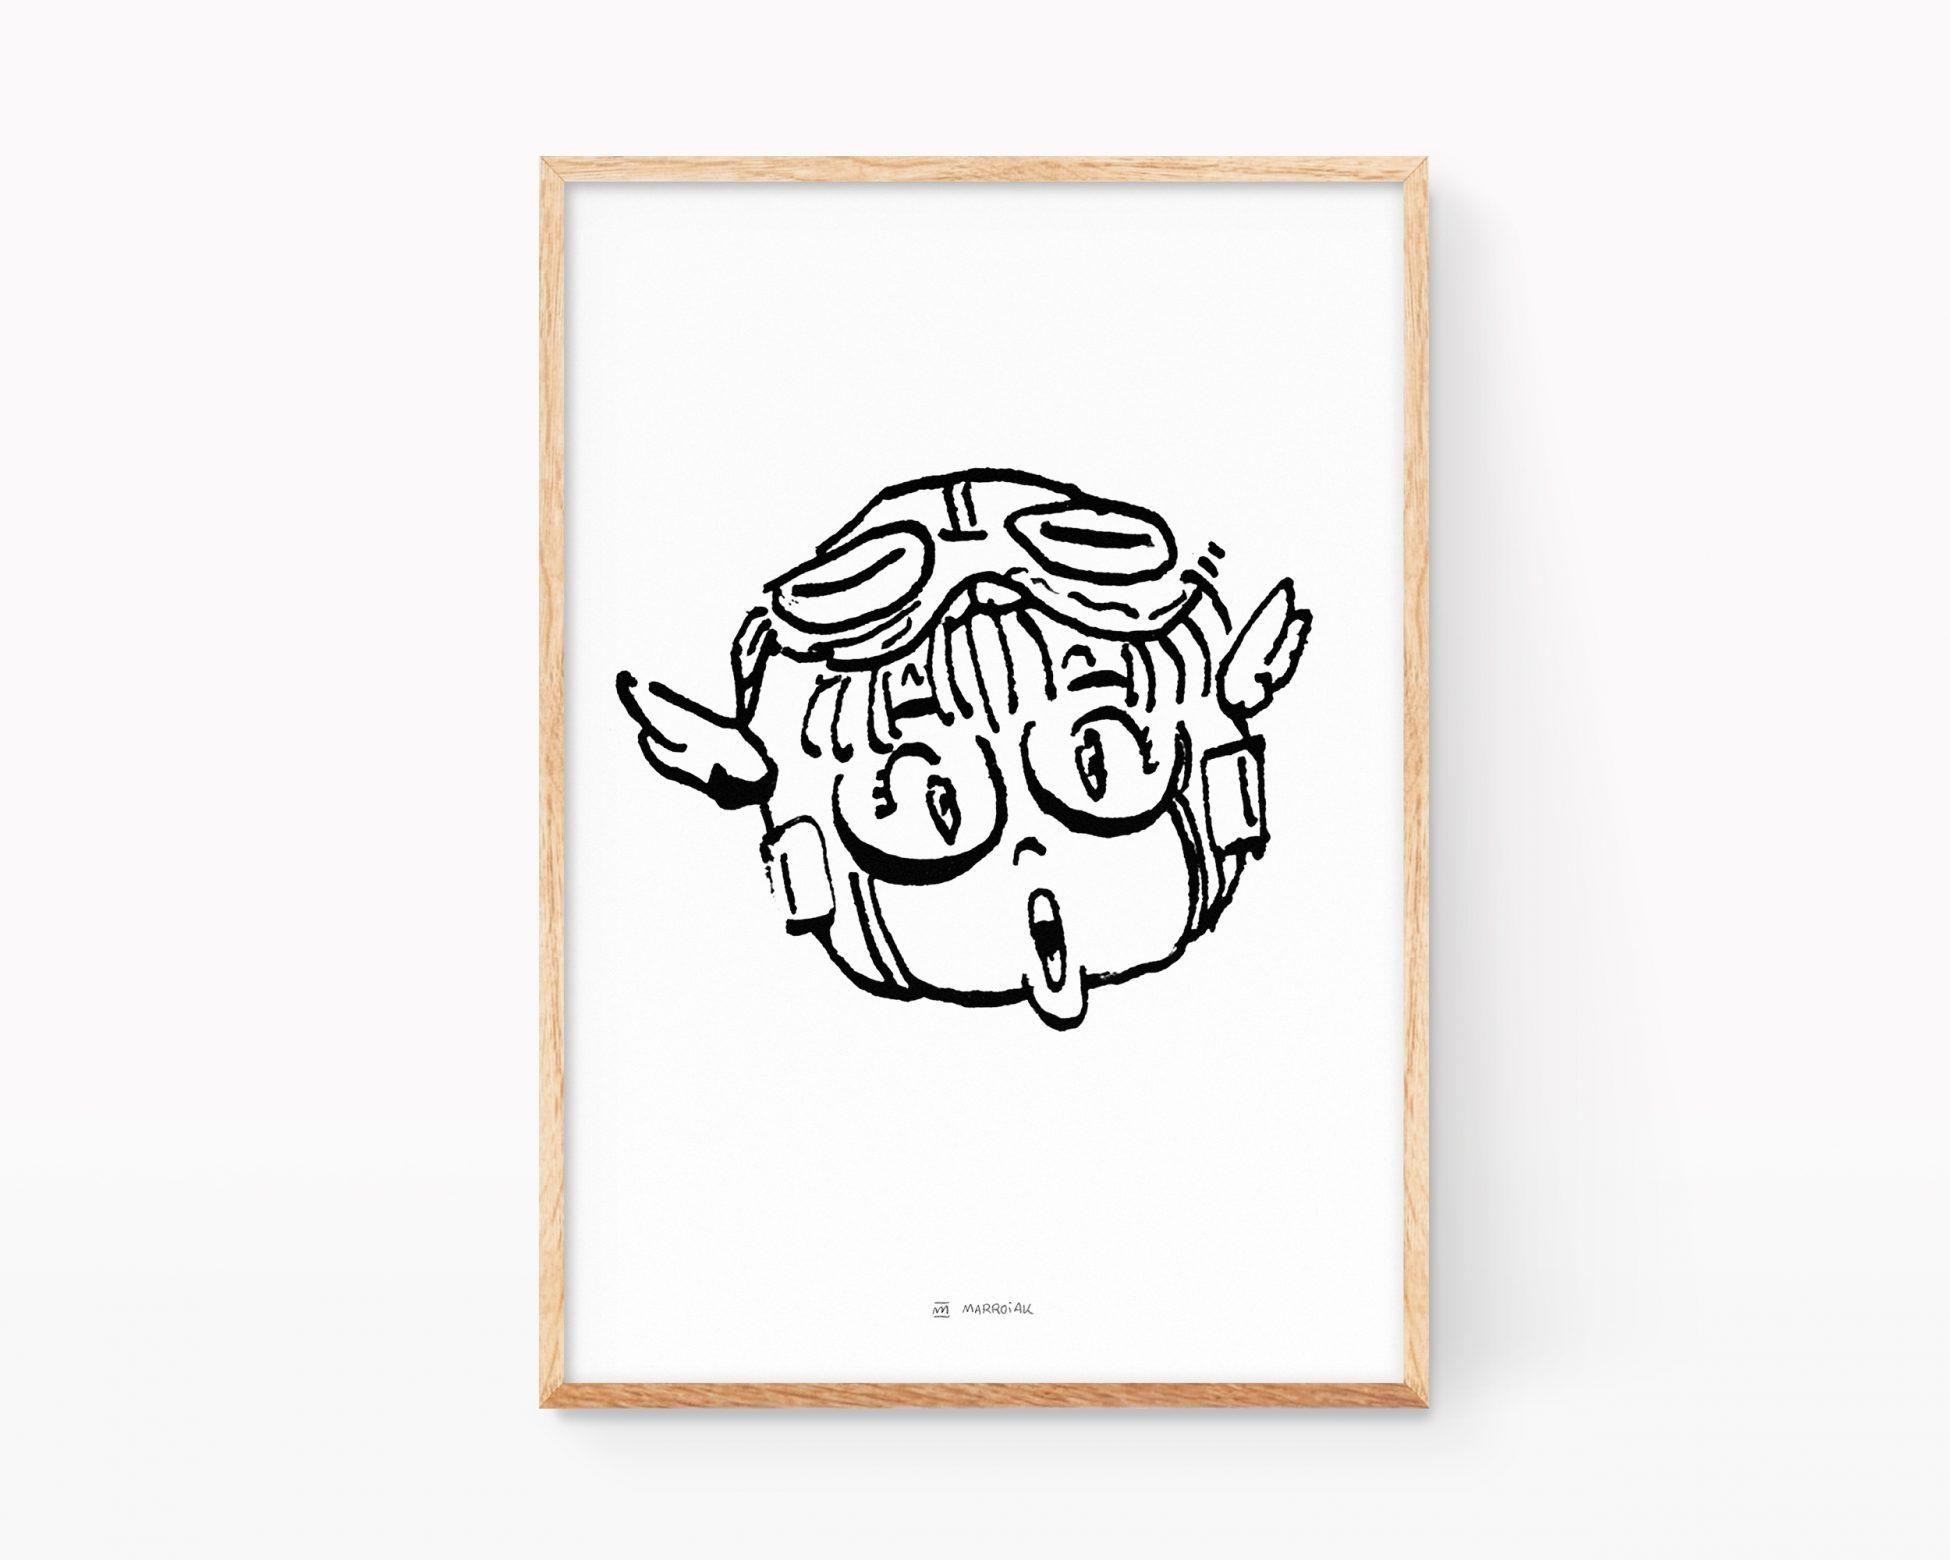 Lámina con una ilustración en blanco y negro de Arale de la serie de manga Dr Slump del mangaka Akira Toriyama. Boceto en blanco y negro. Remezclas de arte pop y cómic